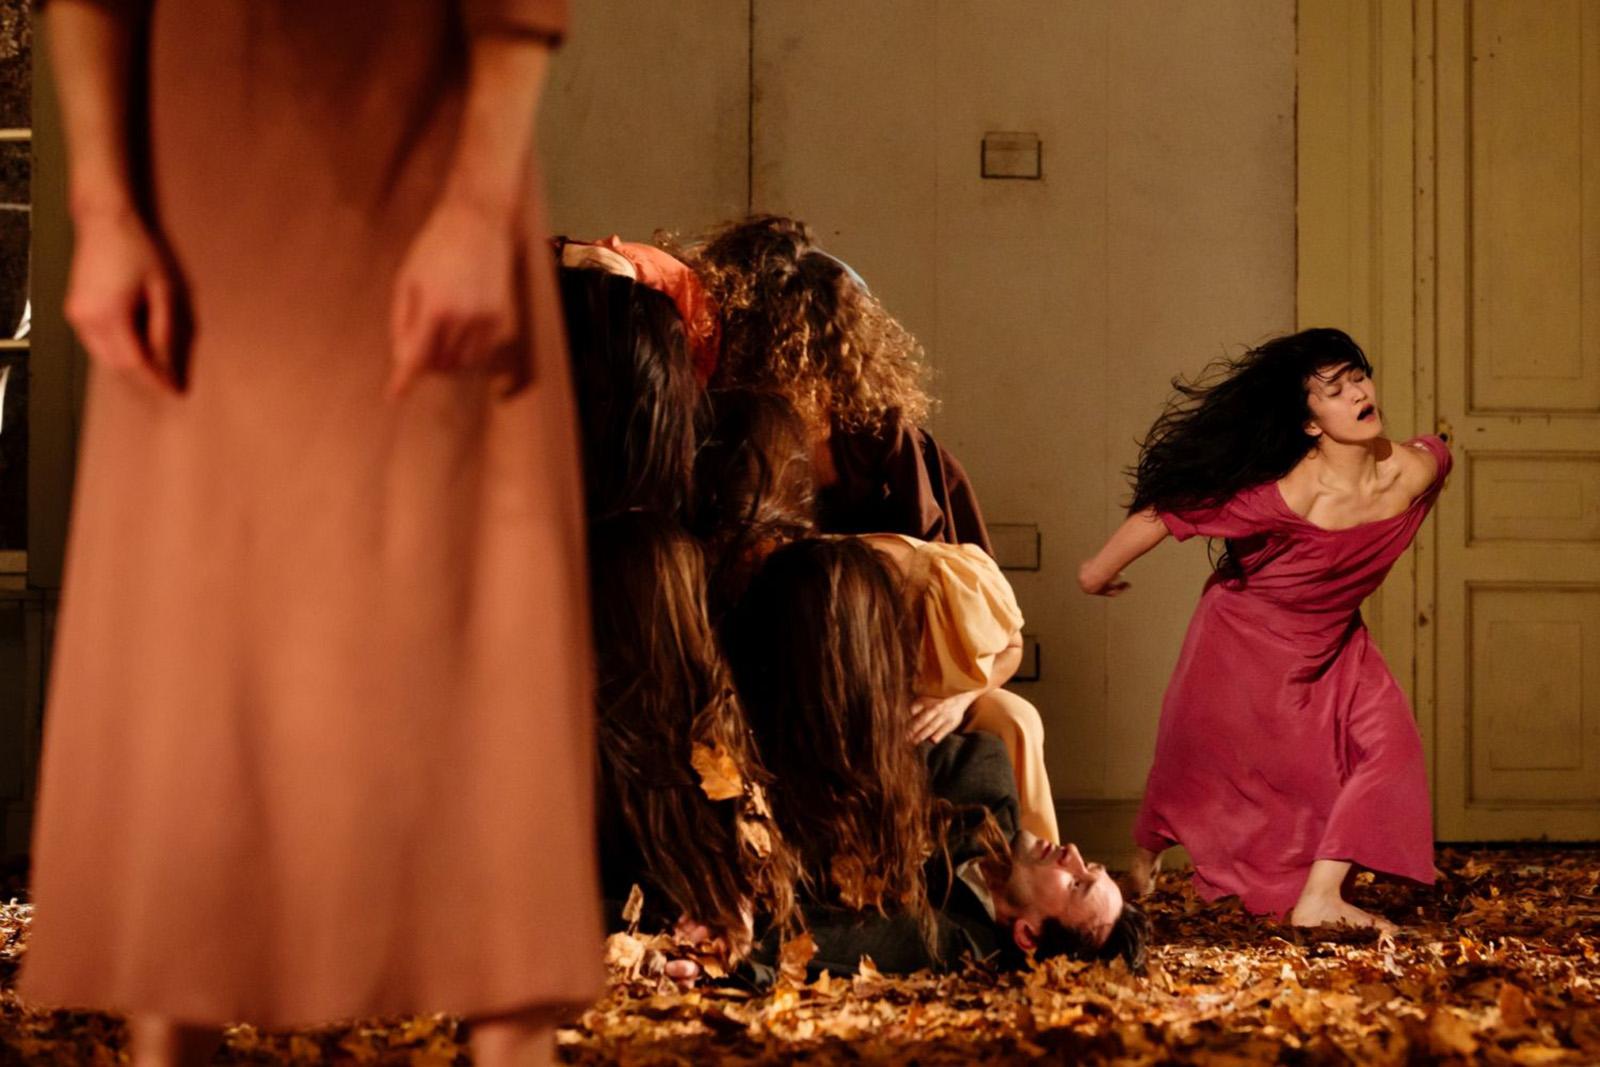 PINA BAUSCH / Tanztheater Wuppertal Théâtre du Châtelet Paris